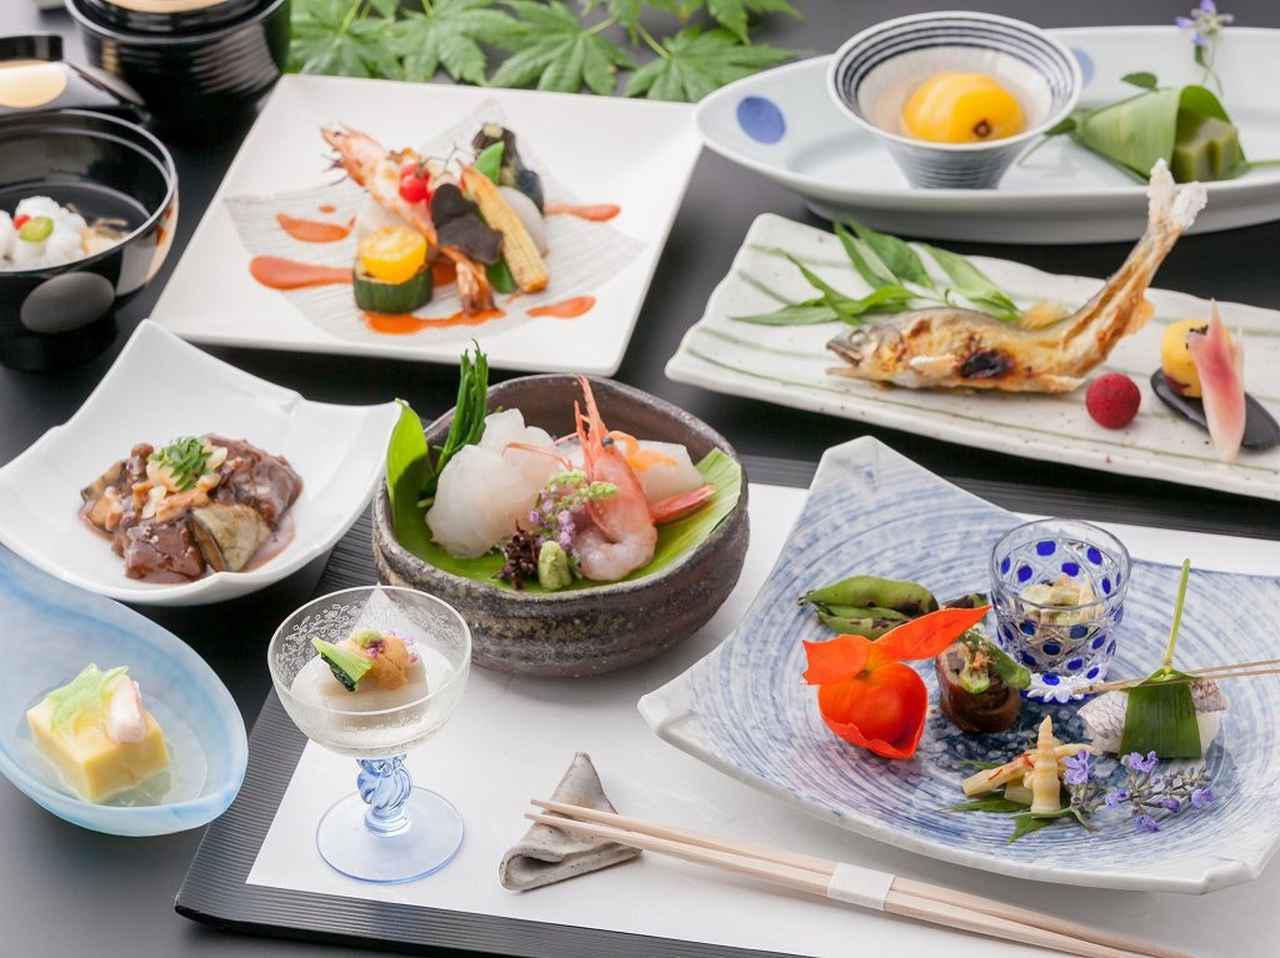 画像: 和食一例(イメージ) 『旬菜ダイニング白樺』にてお召し上がりください。 季節ごとの旬の食材と地元ならではの味を愉しむことができます。 朝食のお味噌汁の美味しさは、幸せな気分にさせてくれます。